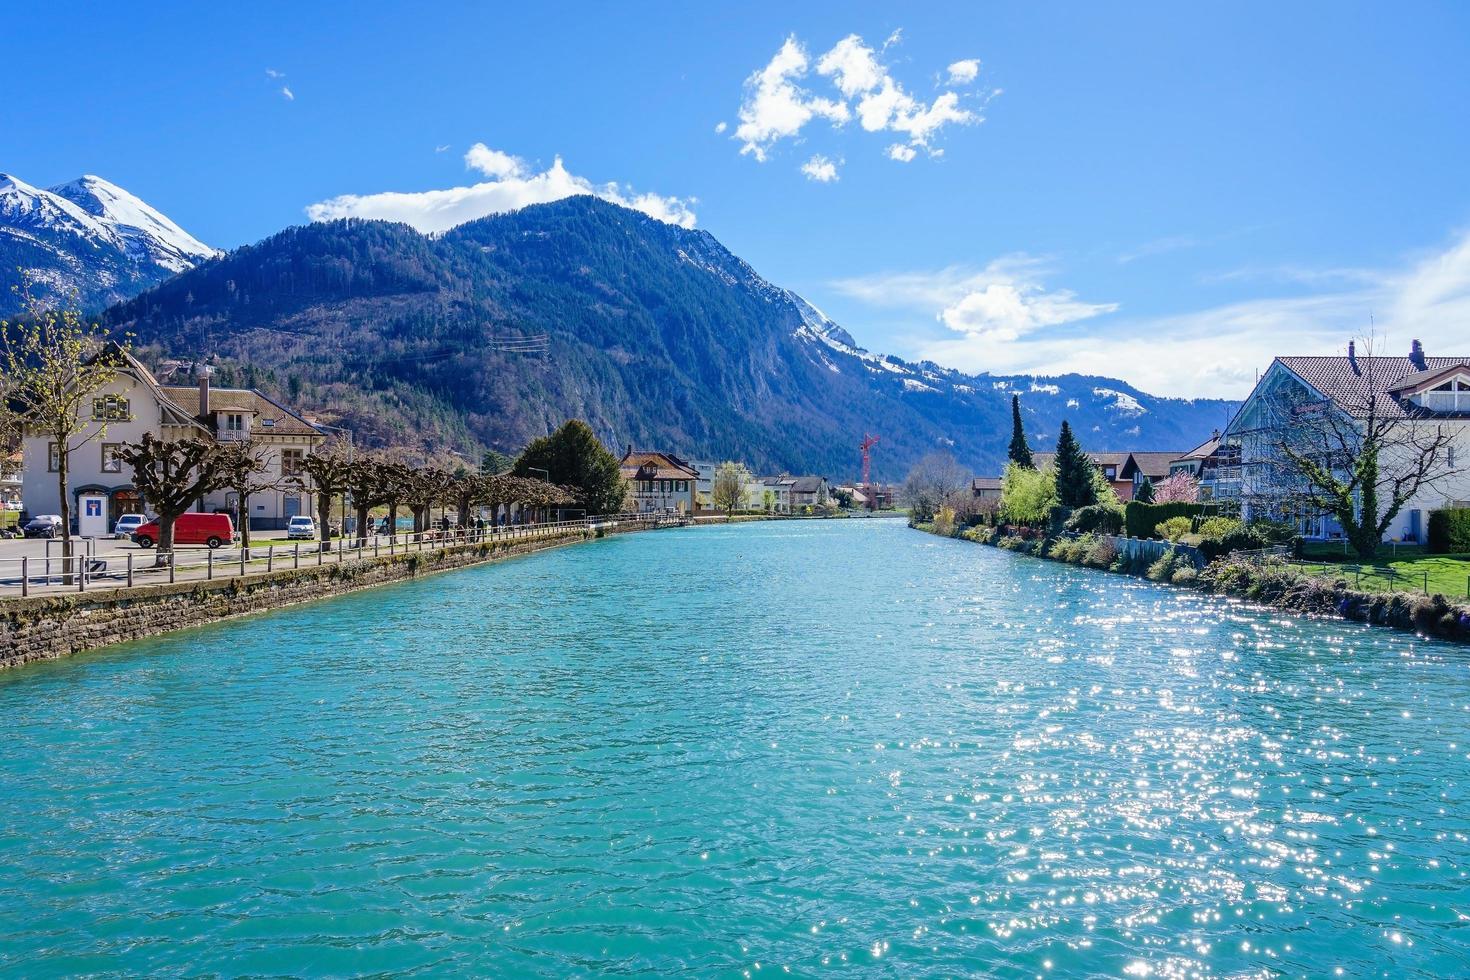 Altstadt und interlaken Seekanal, Schweiz foto